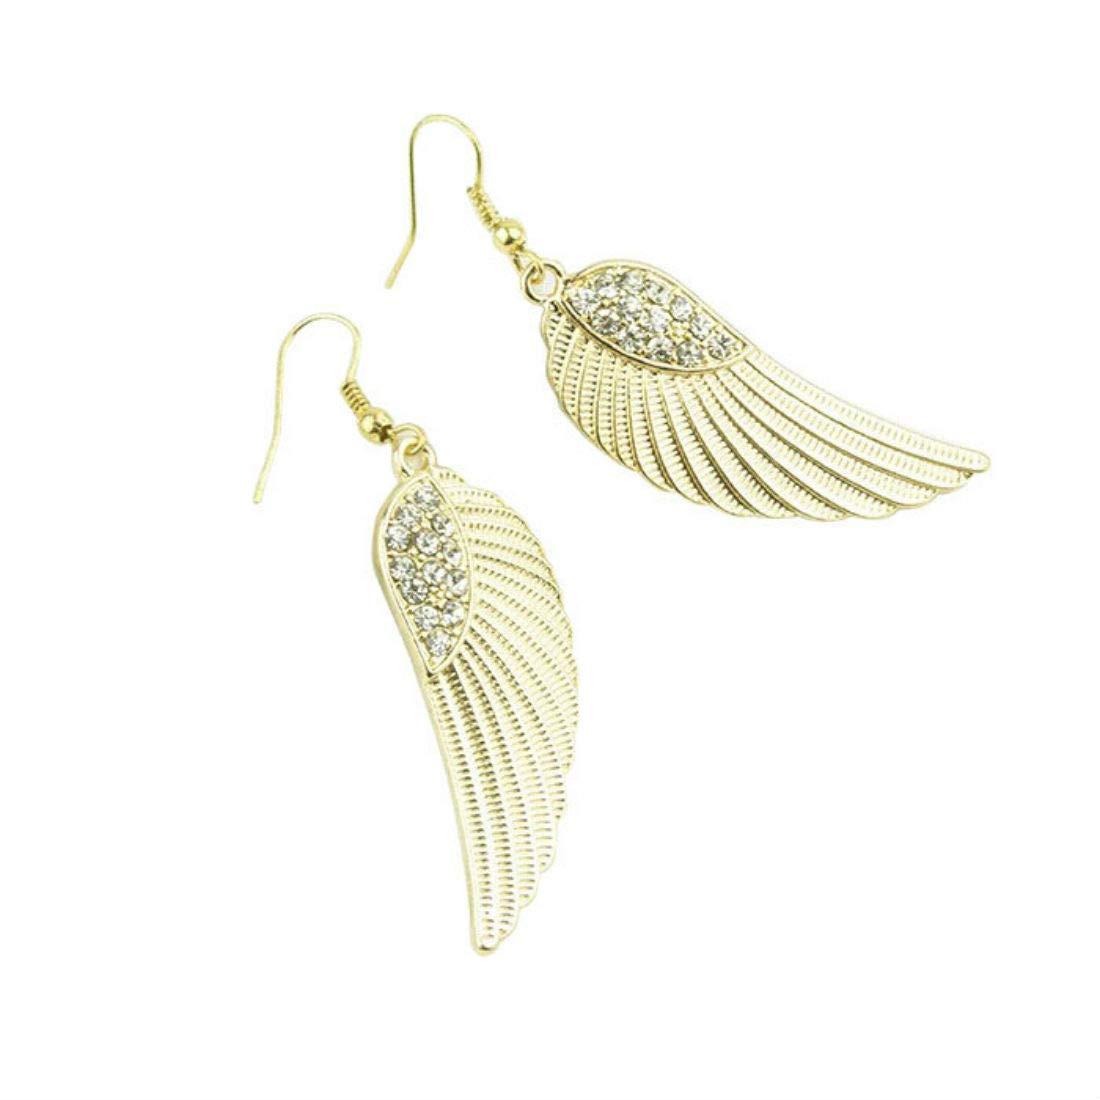 Veodhekai Women Earring Rhinestone Angel Wings Earrings Girls Jewelry Fashion Evening Stud Earrings (Free, Gold)